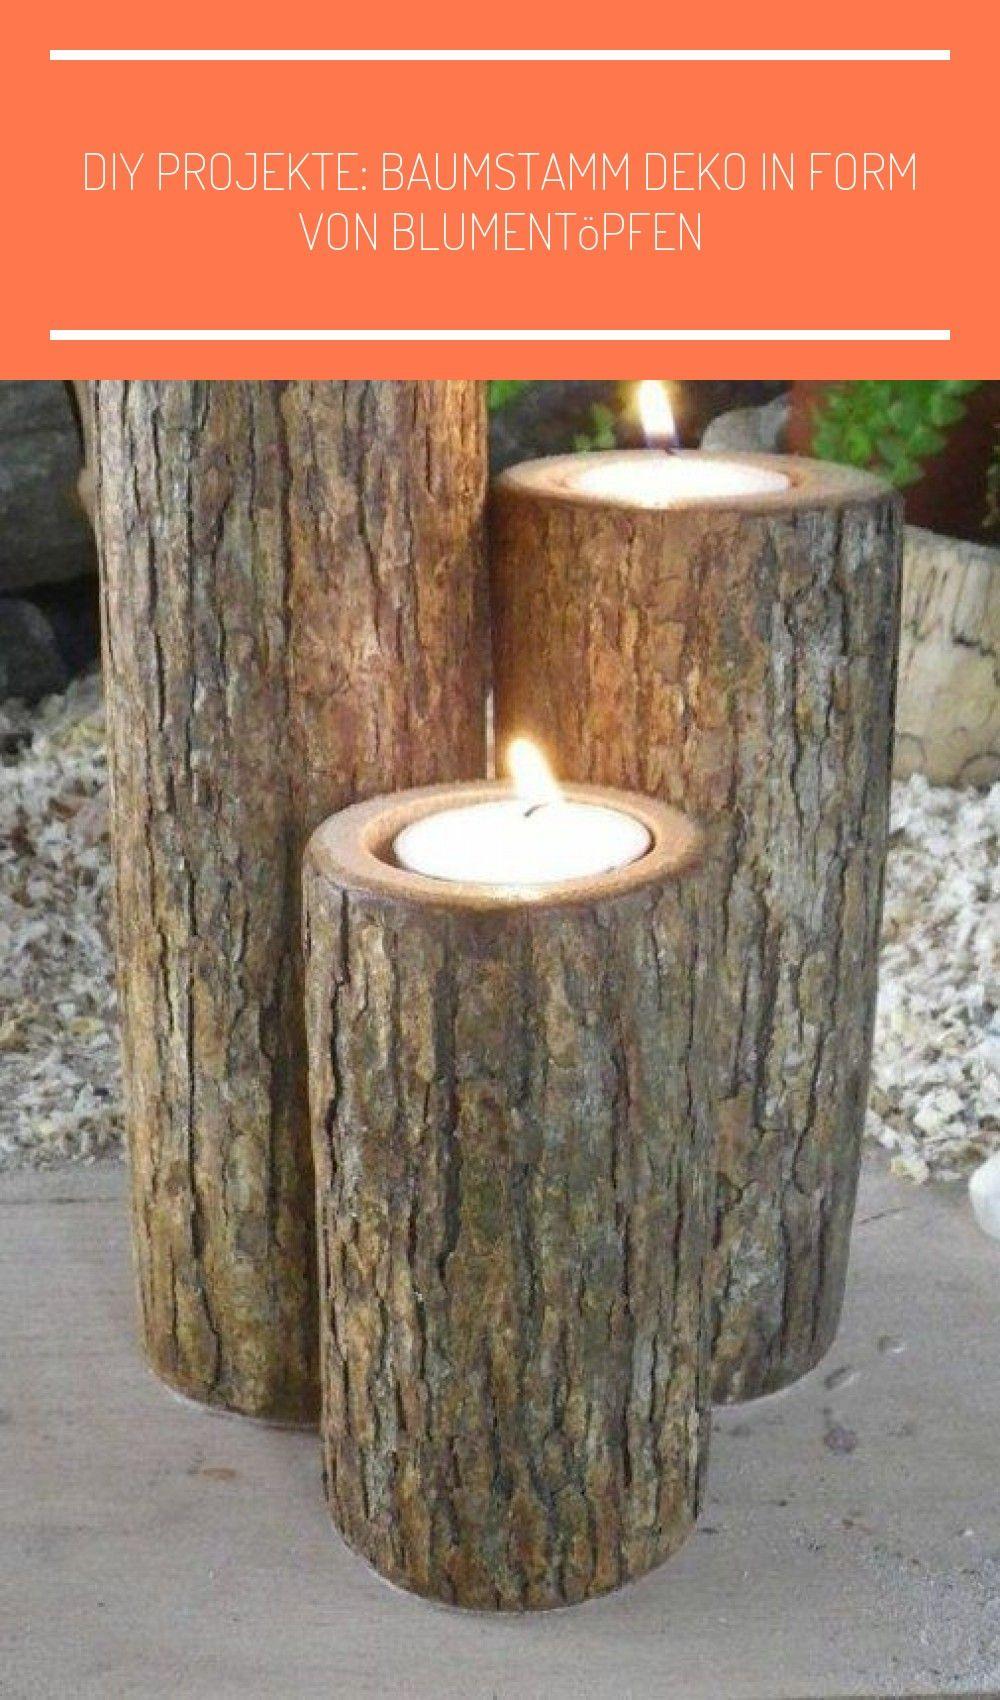 Diy Baumstamm Projekte Kerzenstander Im Garten Holzscheiben Deko Garten Diy Projekte Baumstamm Deko In In 2020 Diy Outdoor Lighting Backyard Lighting Backyard Trees